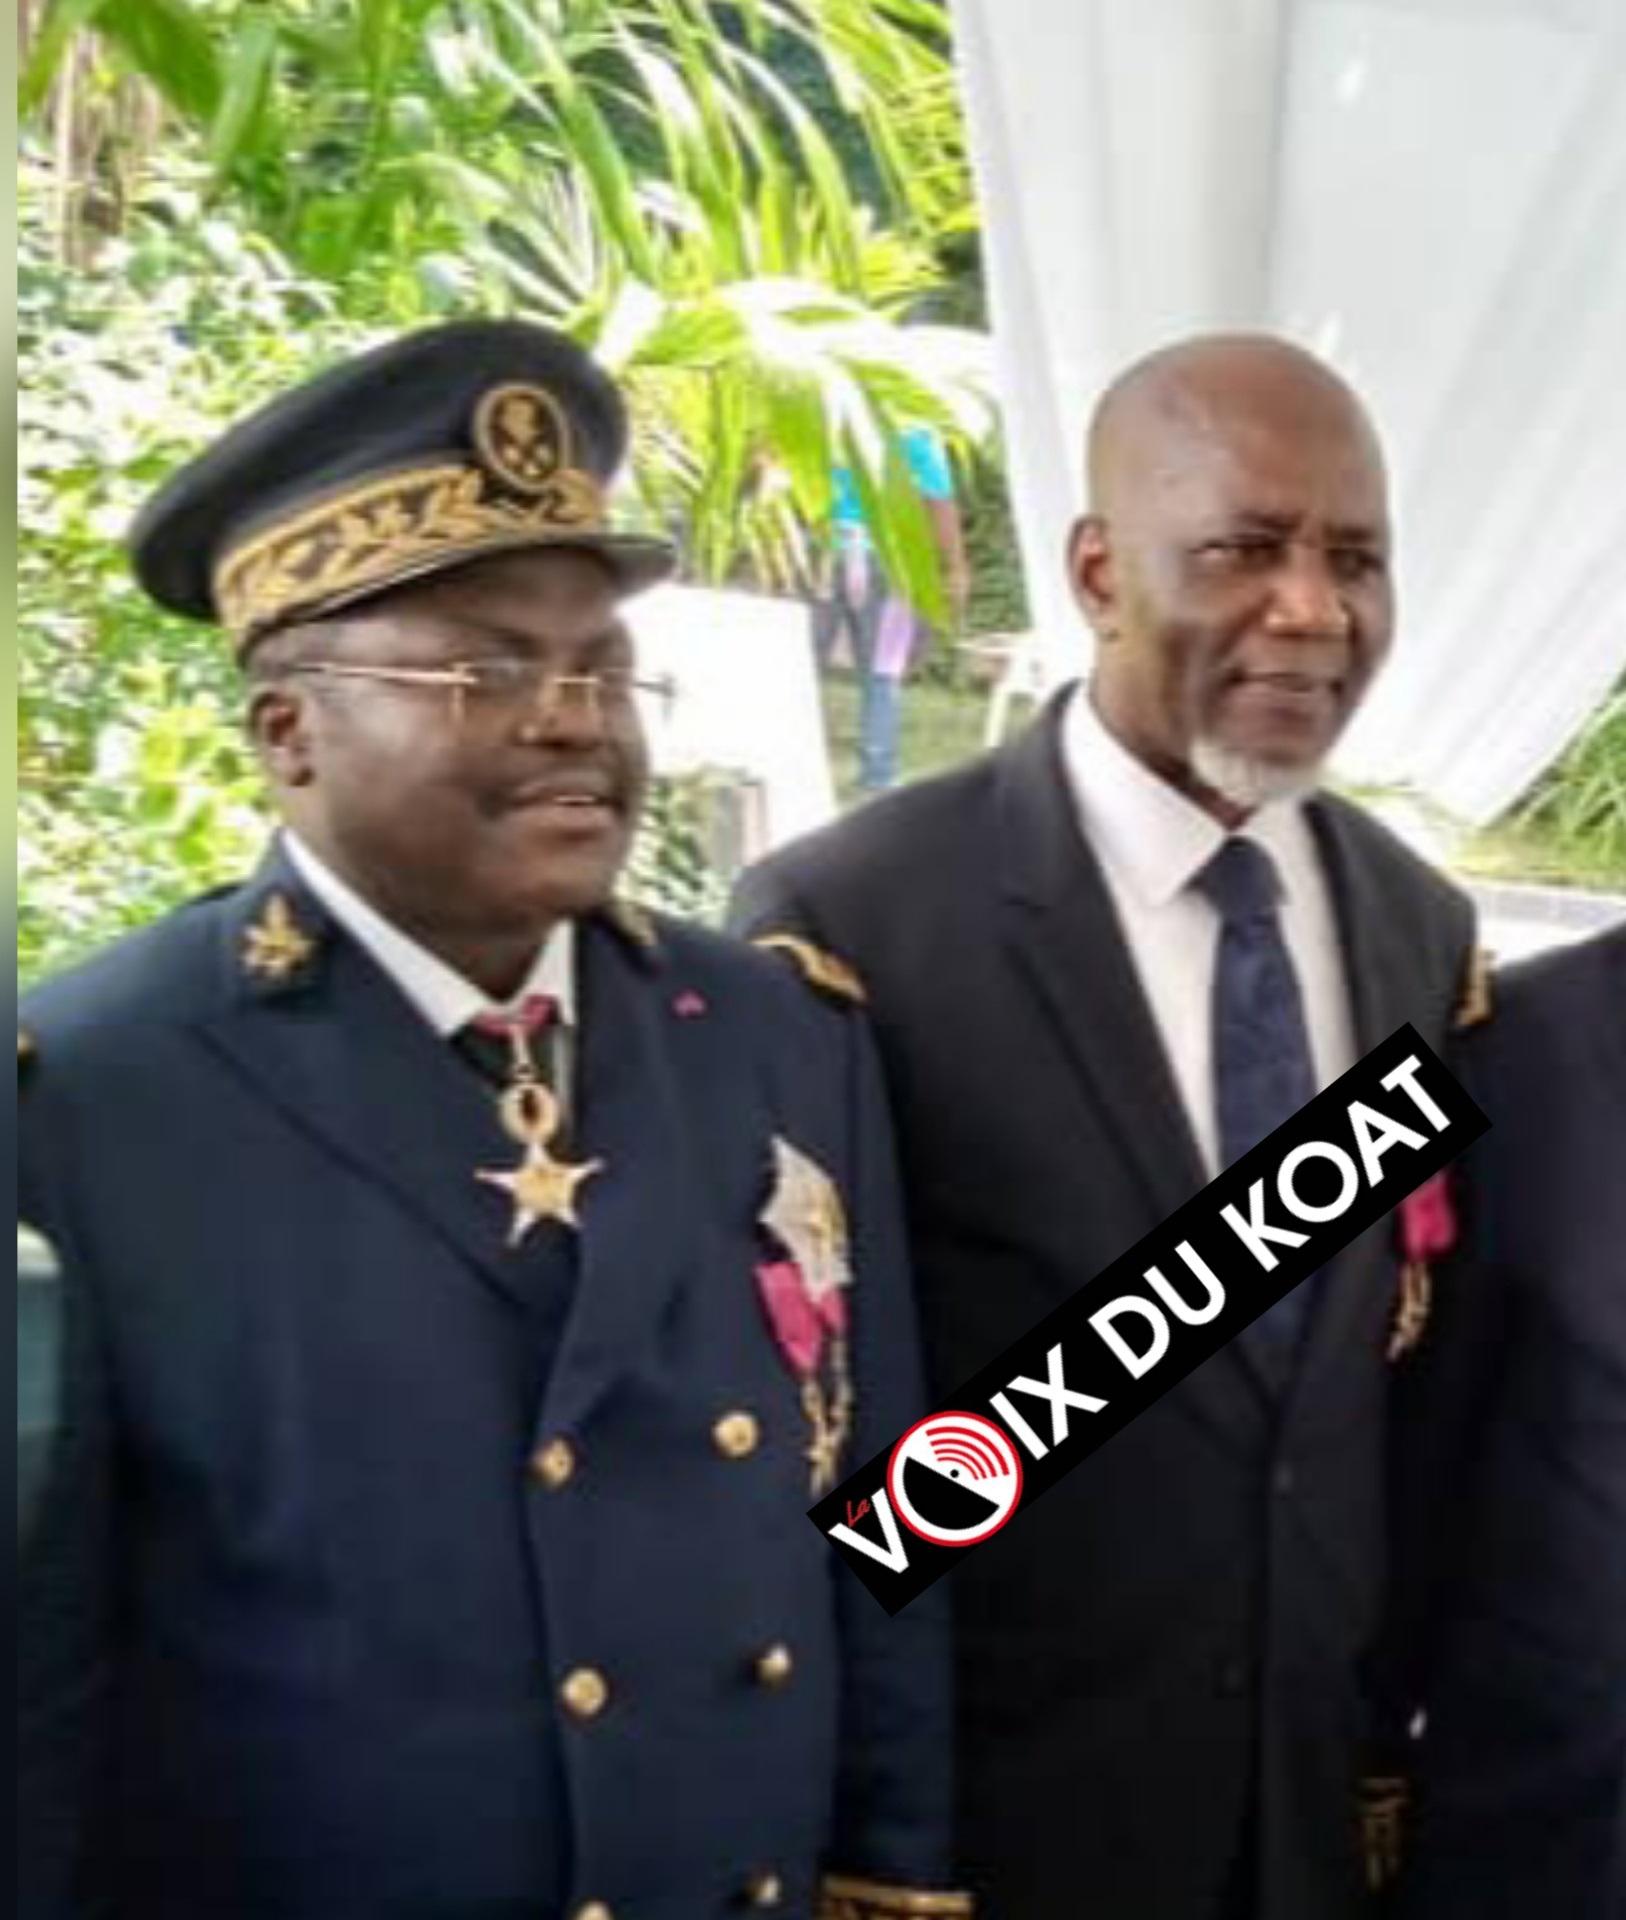 Distinction : Moulongo Oscar, appelez-moi Commandeur